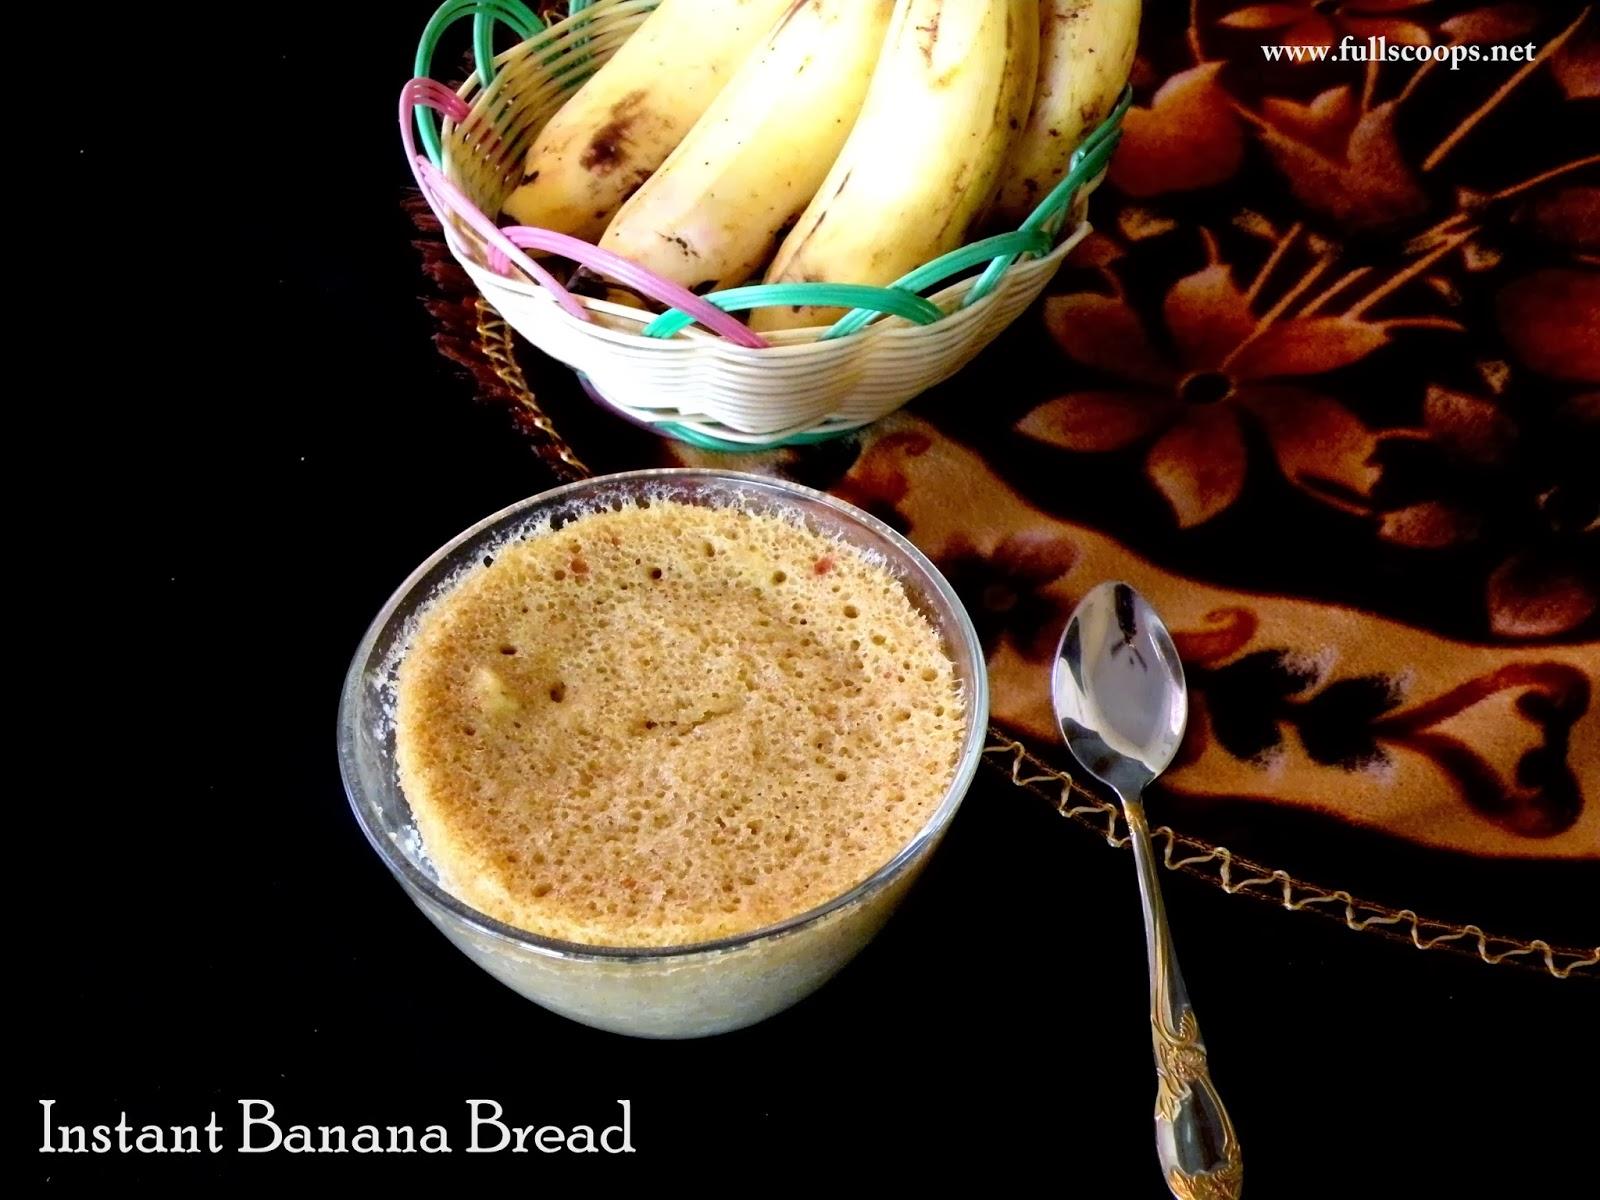 Instant Banana Bread